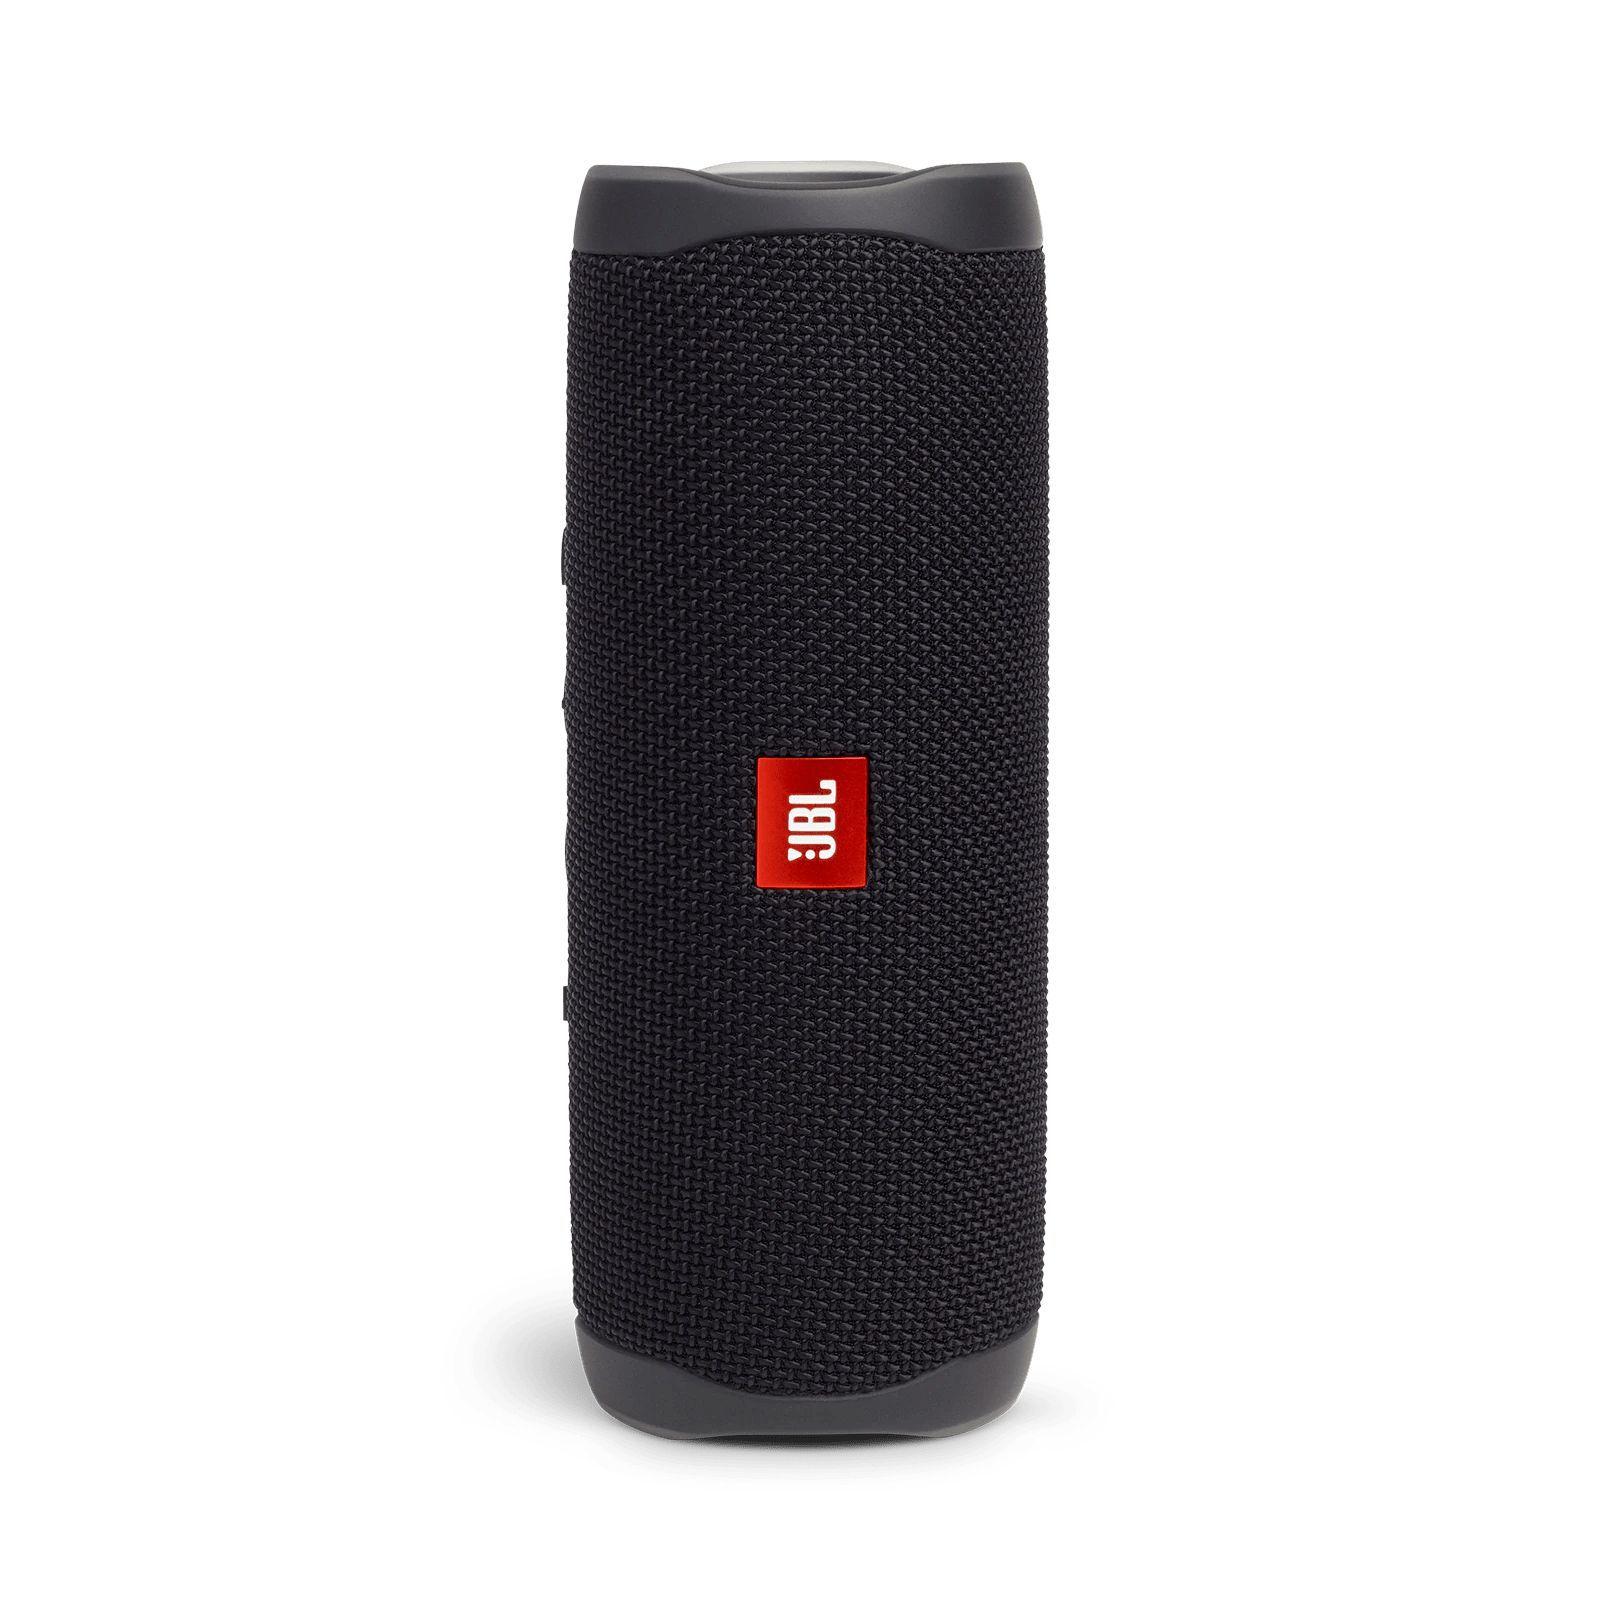 Caixa de Som Bluetooth Portátil JBL Flip 5 - Preto JBLFLIP5BLK